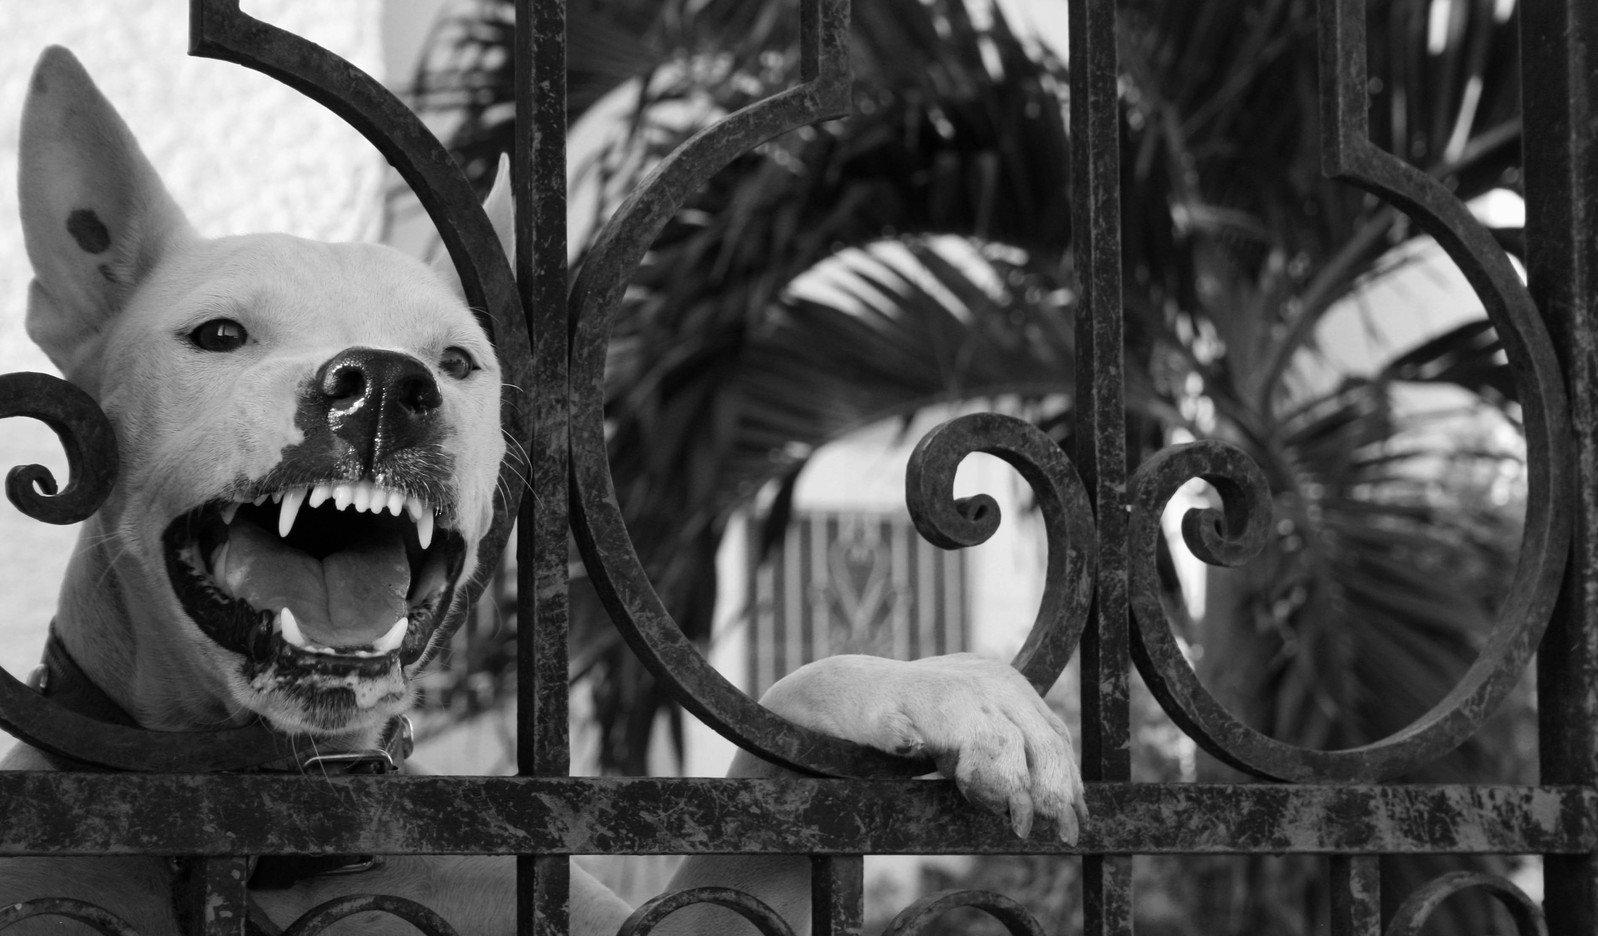 angry-dog-1307194.jpg